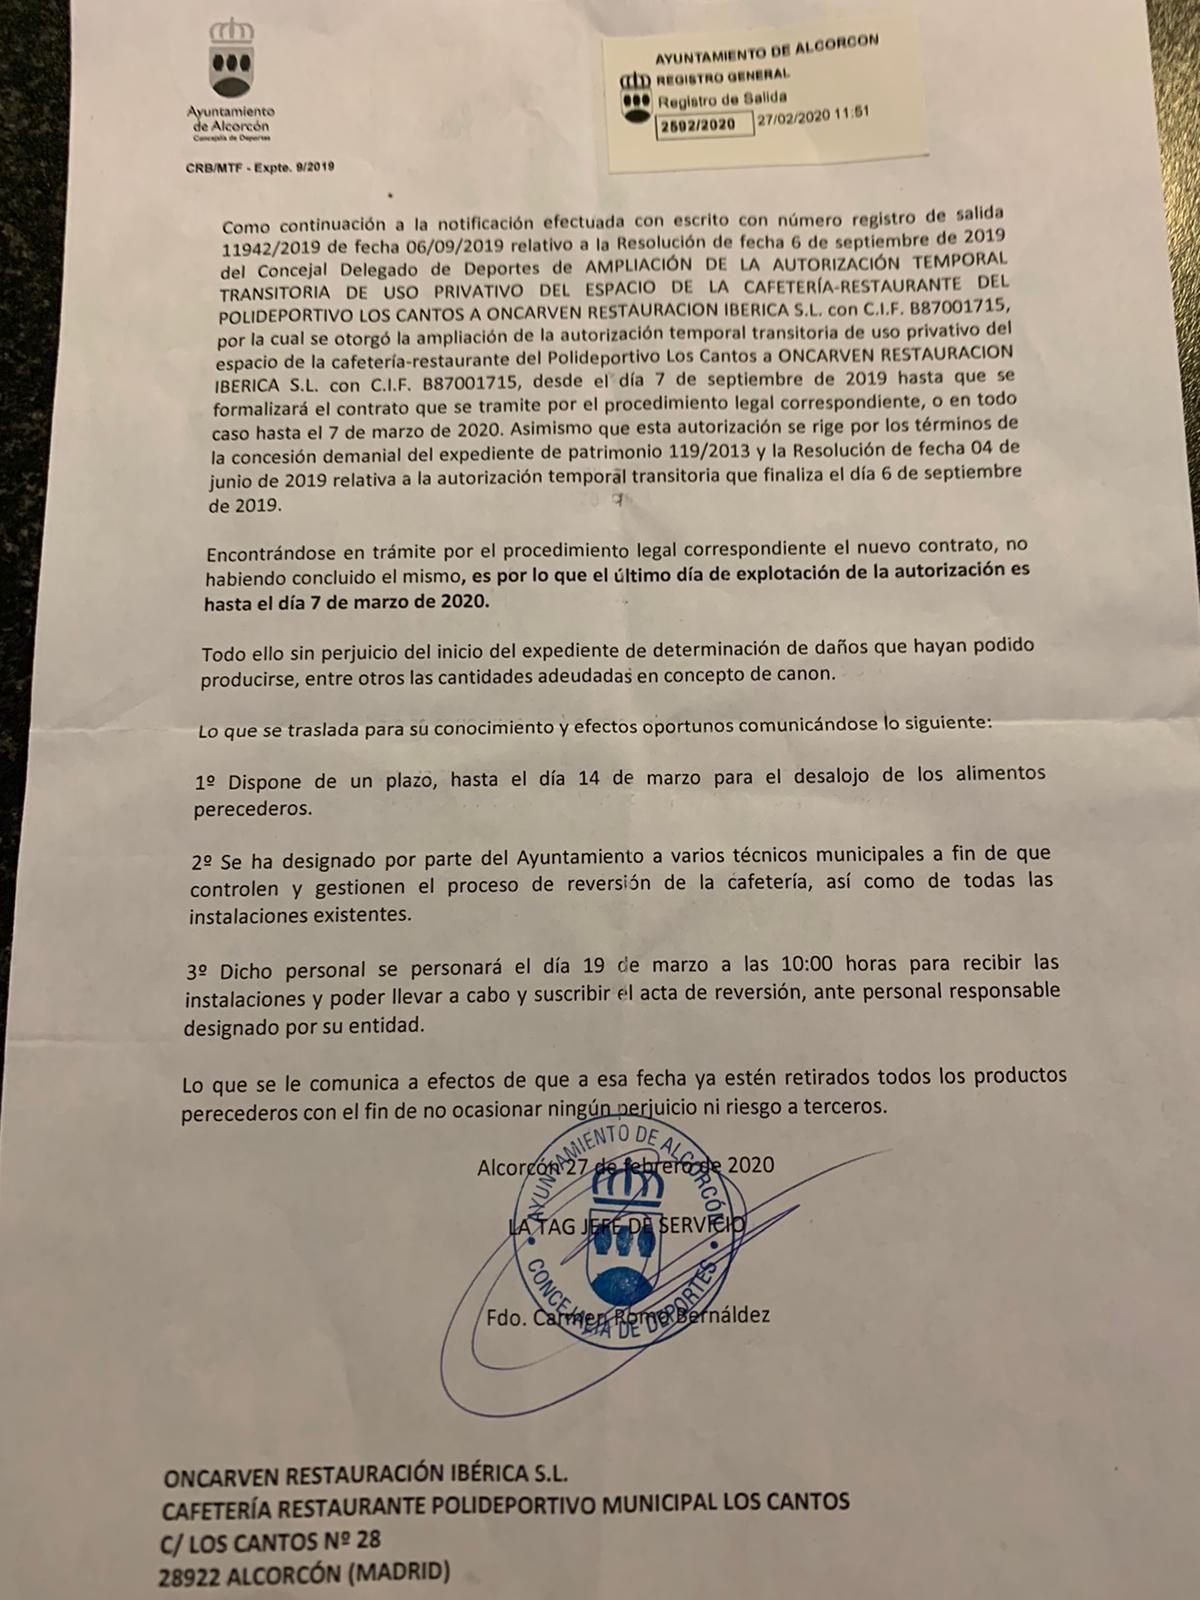 Notificación - La cafetería del Polideportivo Los Cantos de Alcorcón cerrará el 7 de marzo